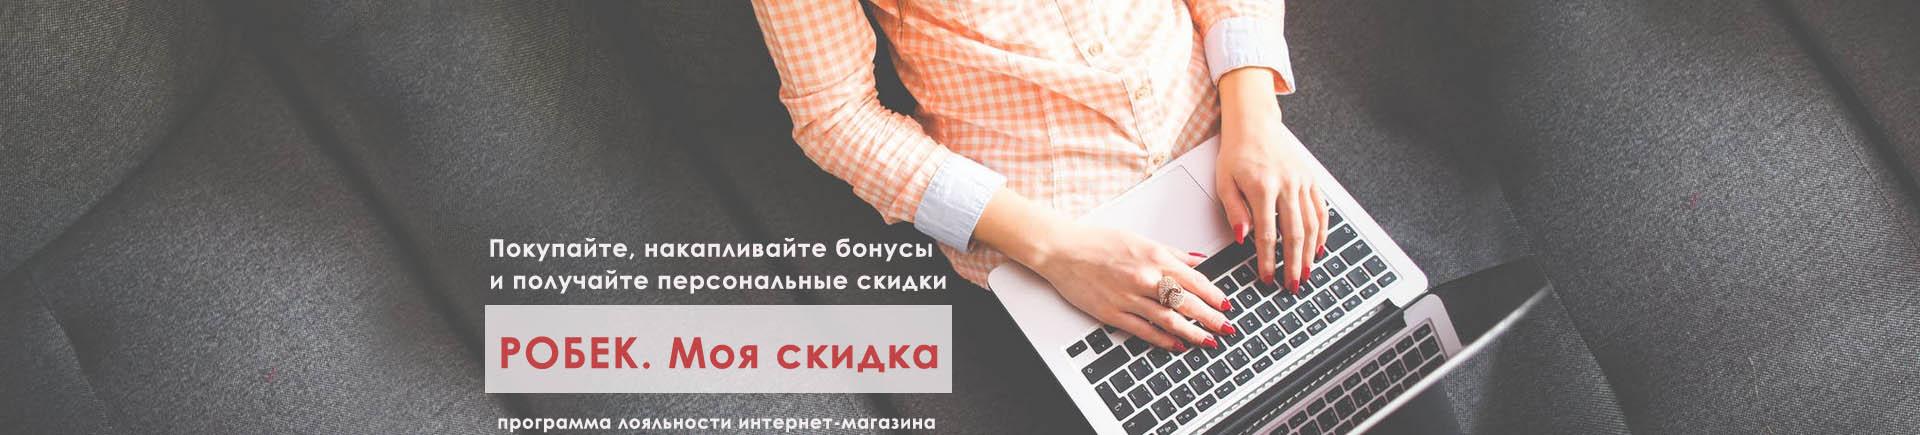 Интернет-магазин обуви «Робек» в Новосибирске   Купить обувь онлайн в  обувном магазине   Робек d0ada804354